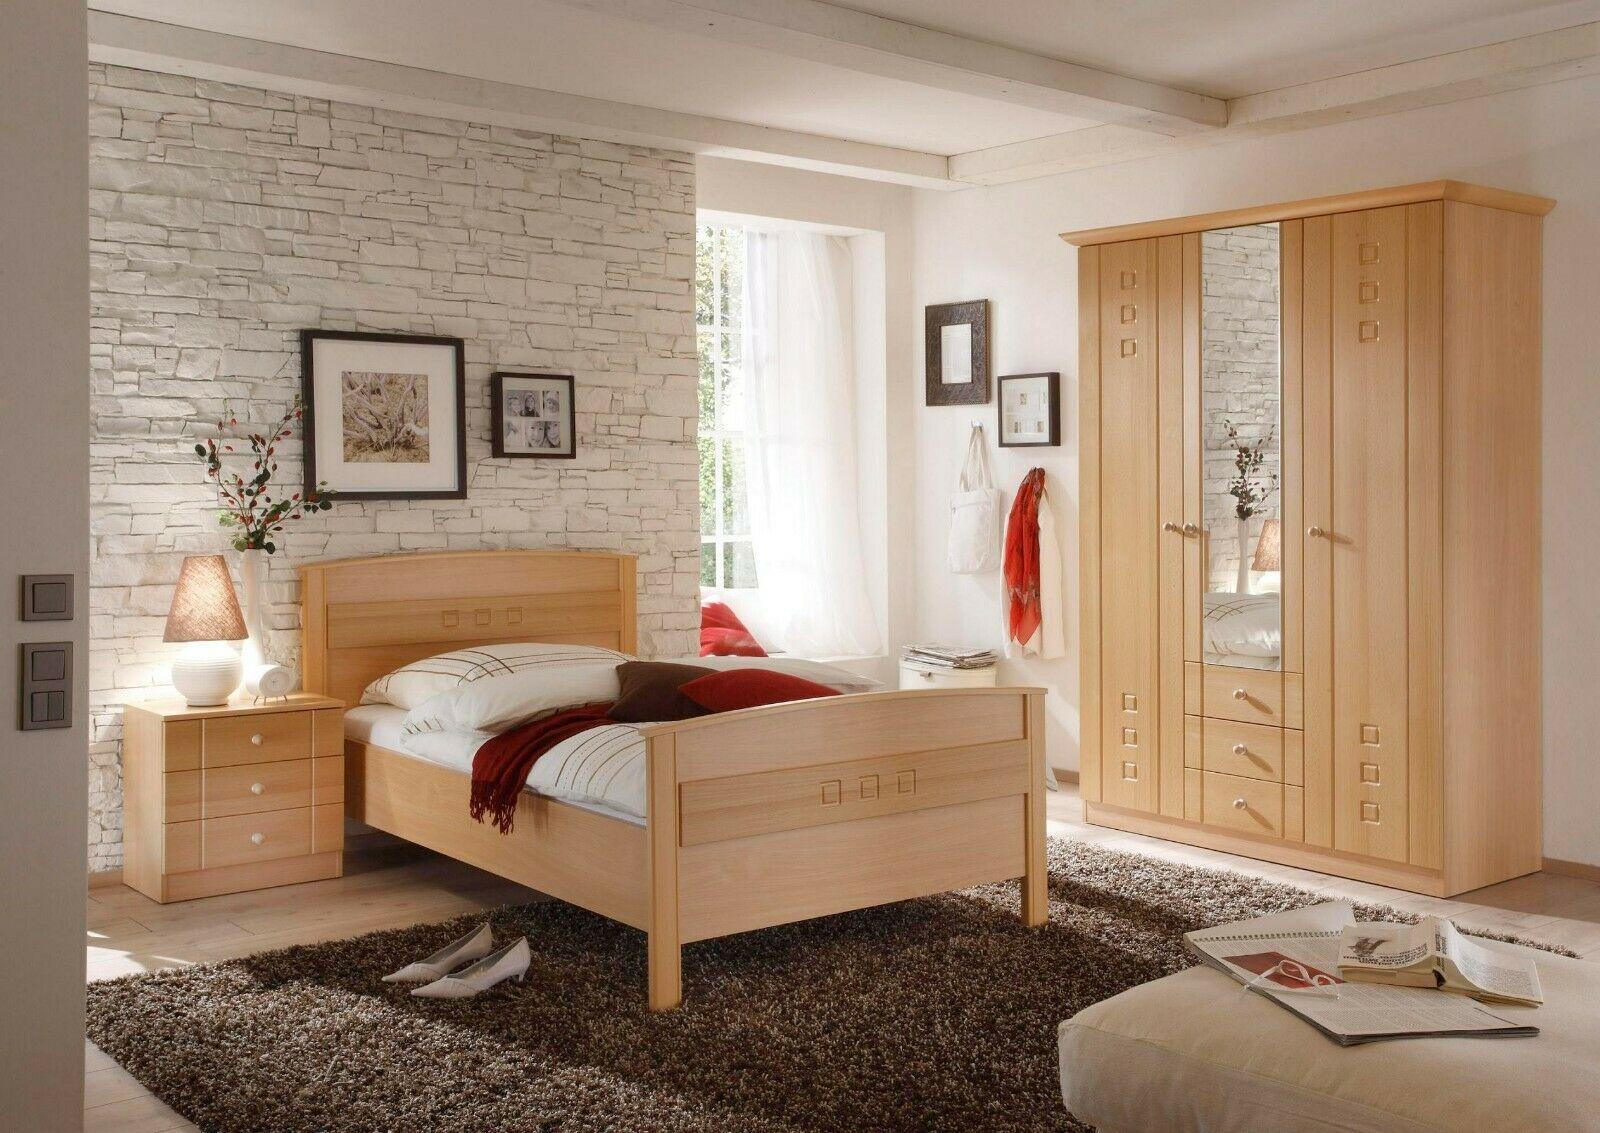 Schlafzimmer Komplettset Buche Seniorenzimmer Kleiderschrank Bett Nachttisch